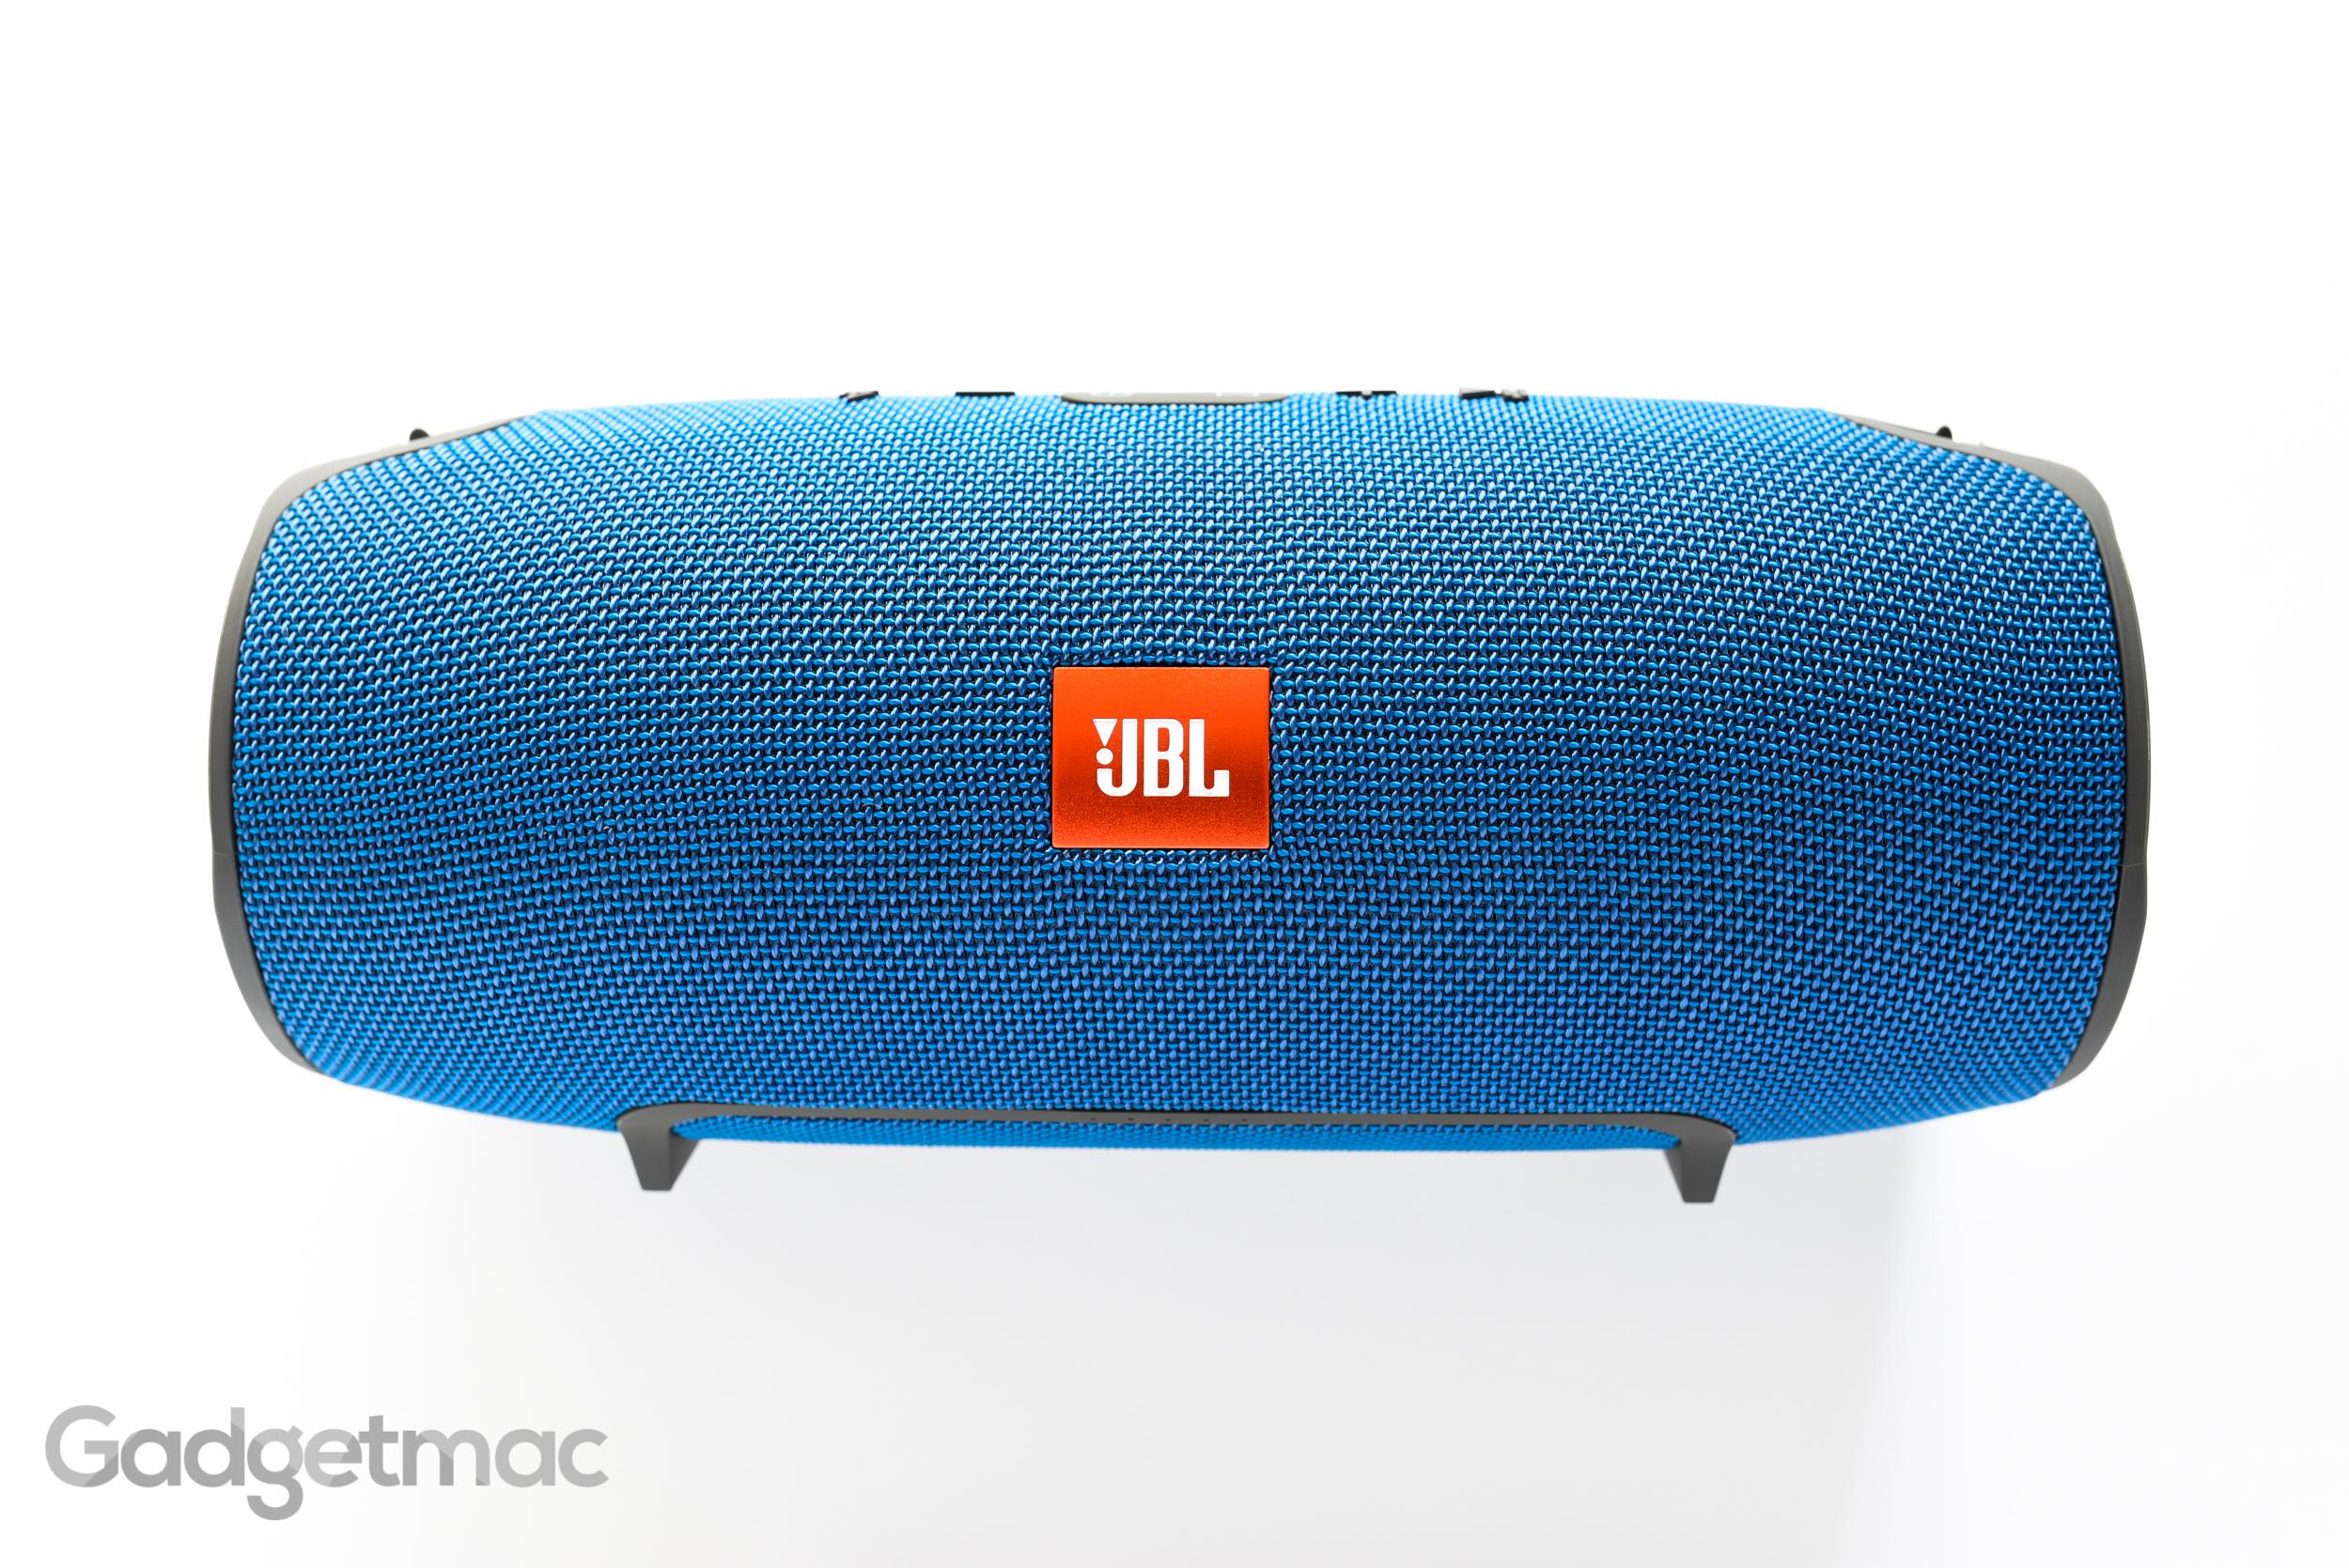 jbl-xtreme-portable-speaker.jpg